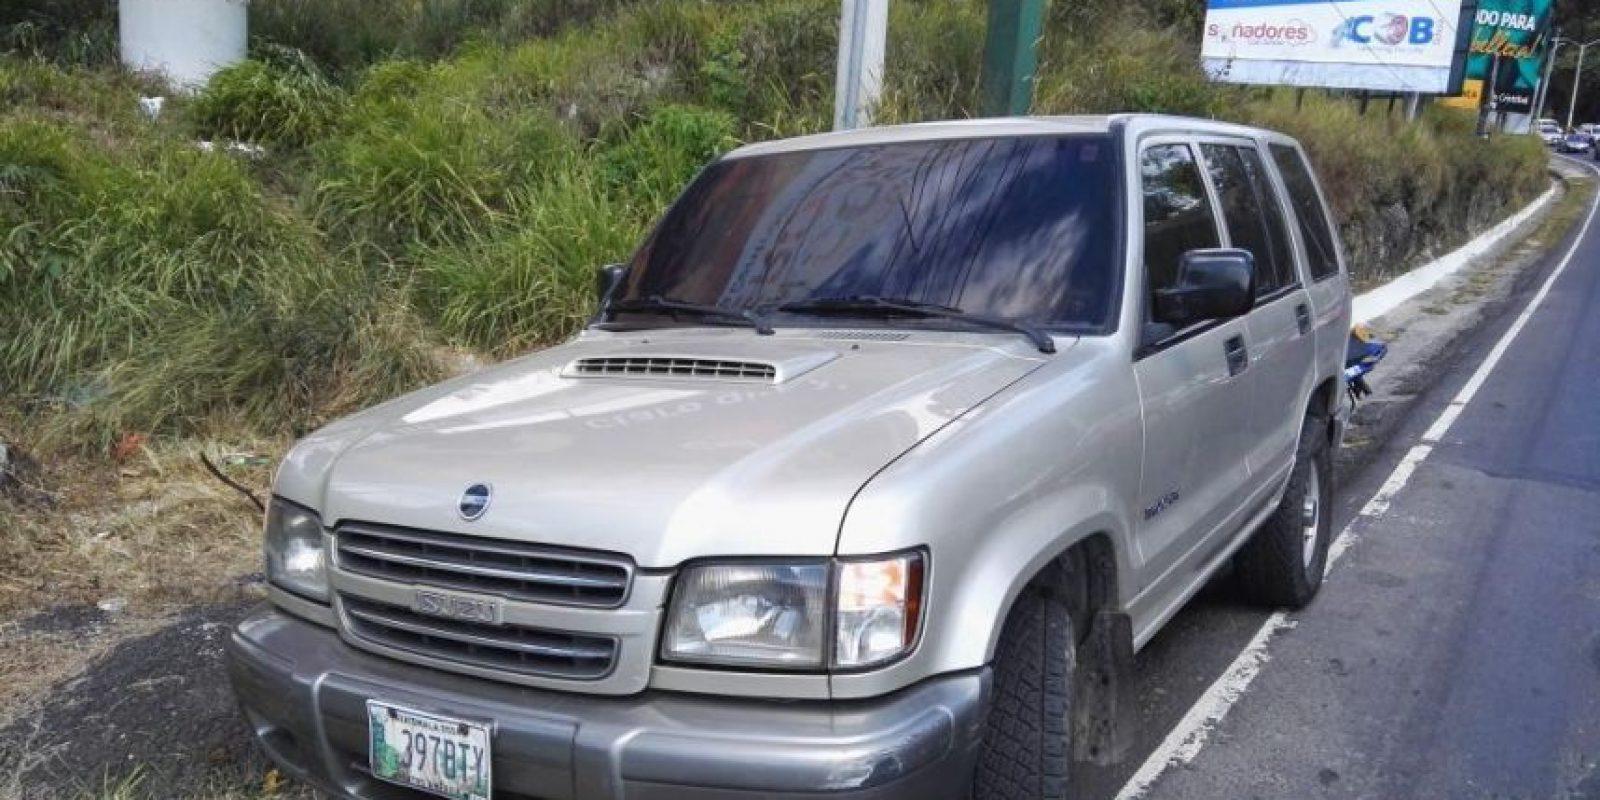 Abandonó su vehículo. Foto:Mario Cruz / CVB